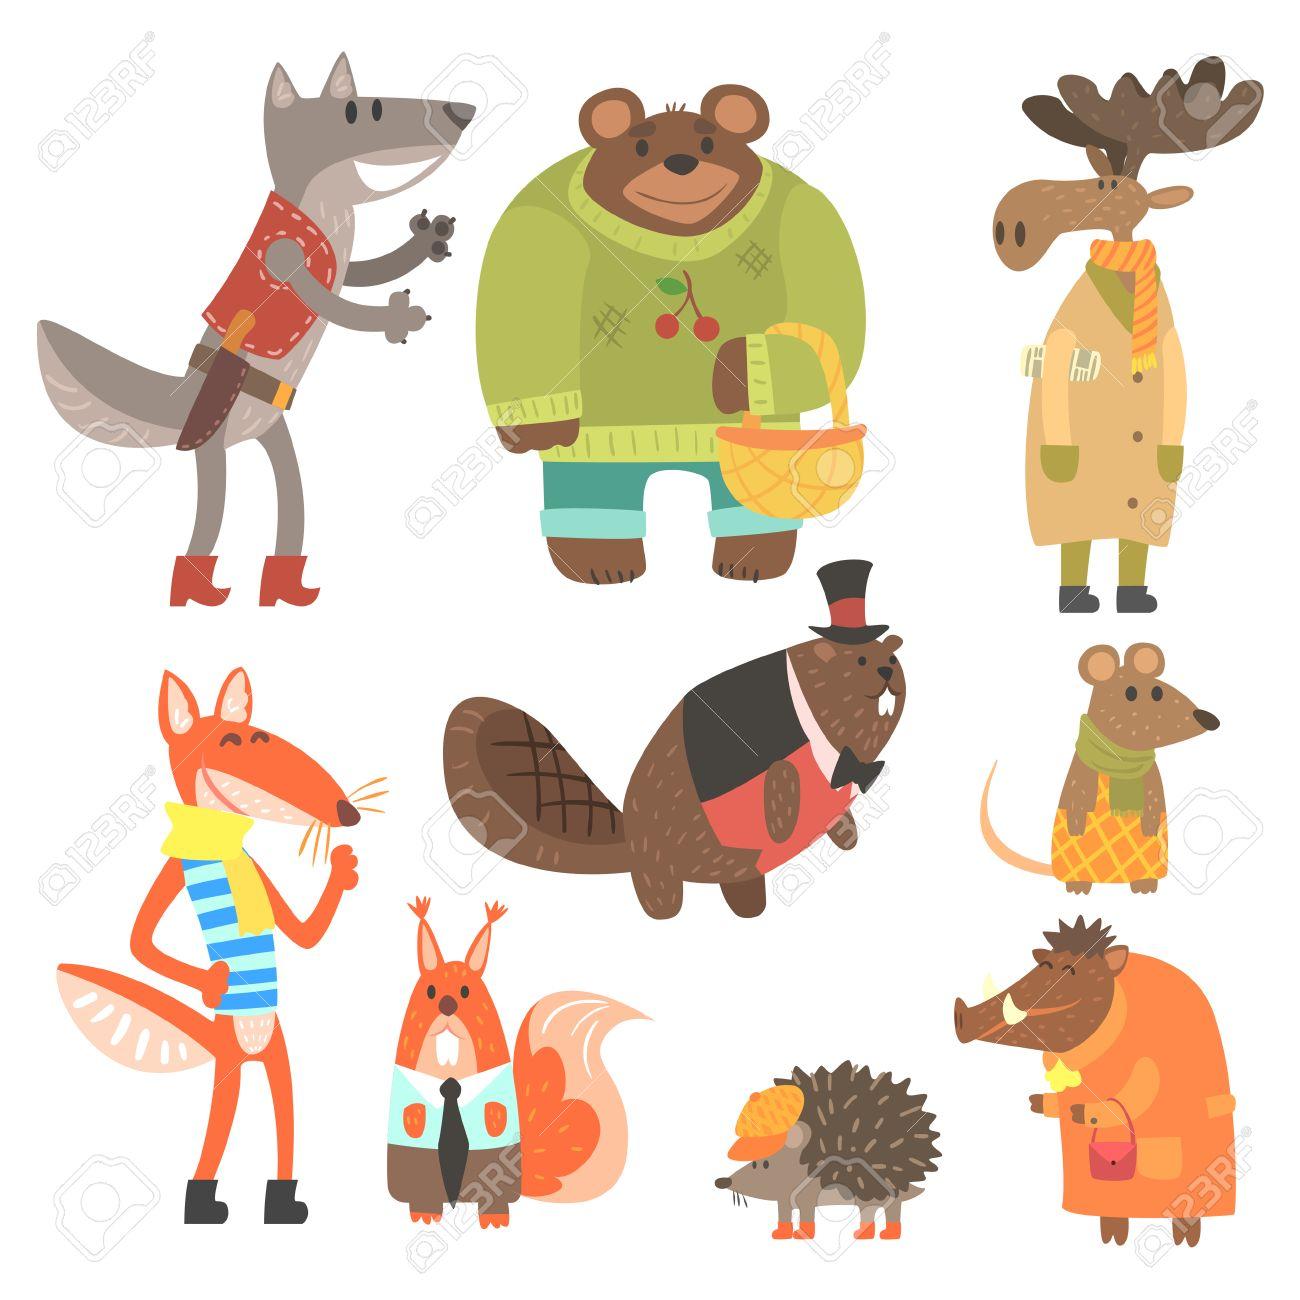 森の動物イラストの人間の服はセットに身を包んだ。クールなかわいい漫画